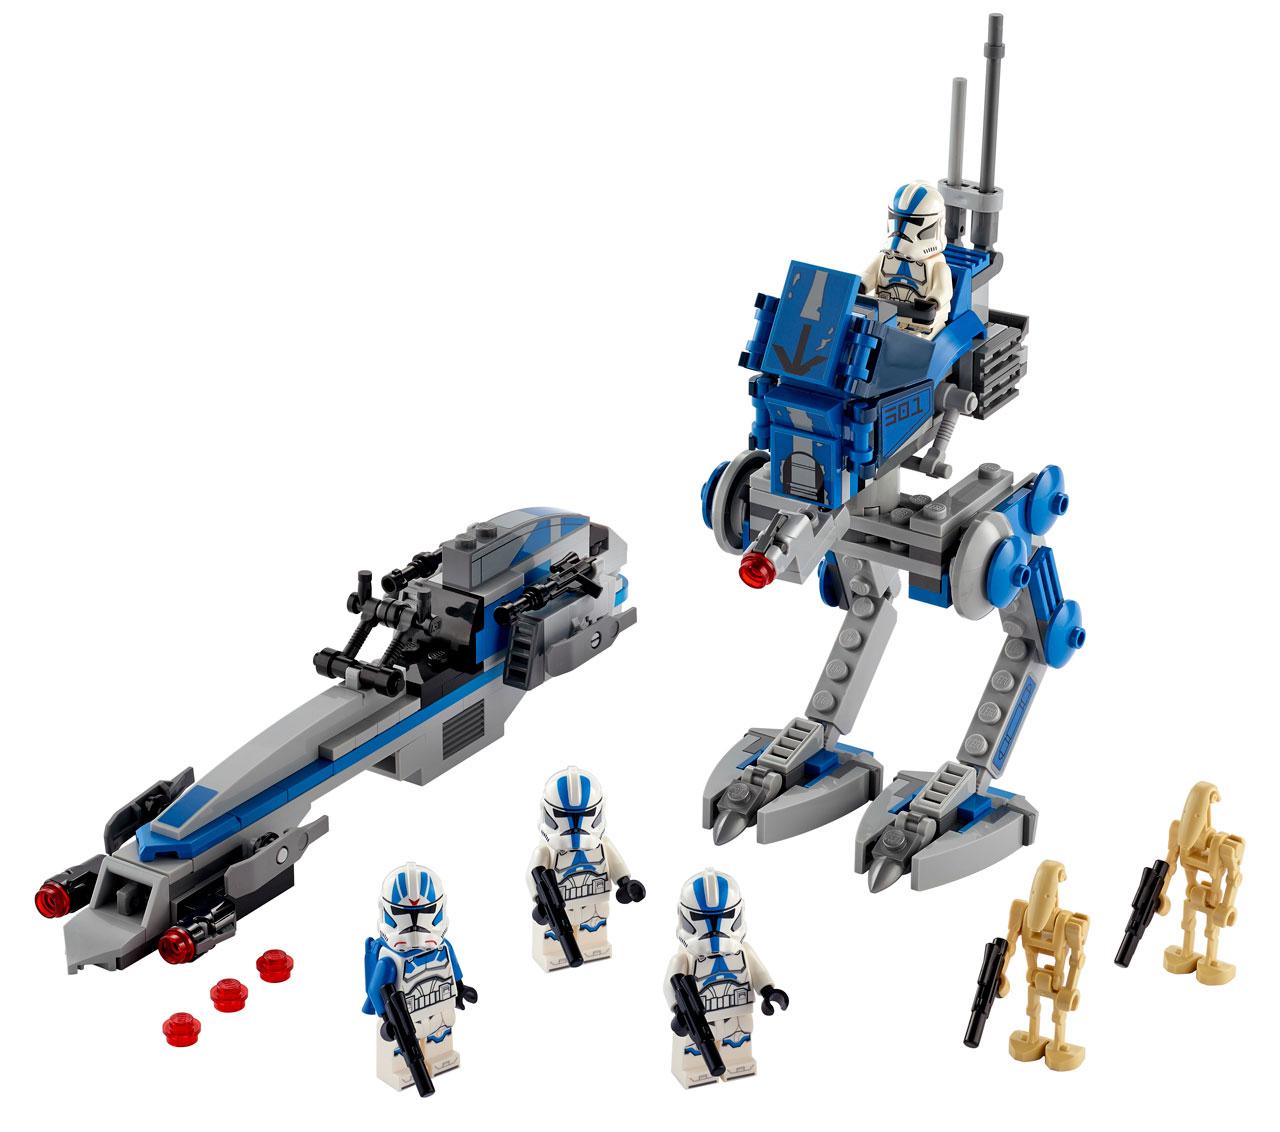 75280 第501大隊クローン・トルーパー・バトルパック:レゴ(LEGO) スター・ウォーズ